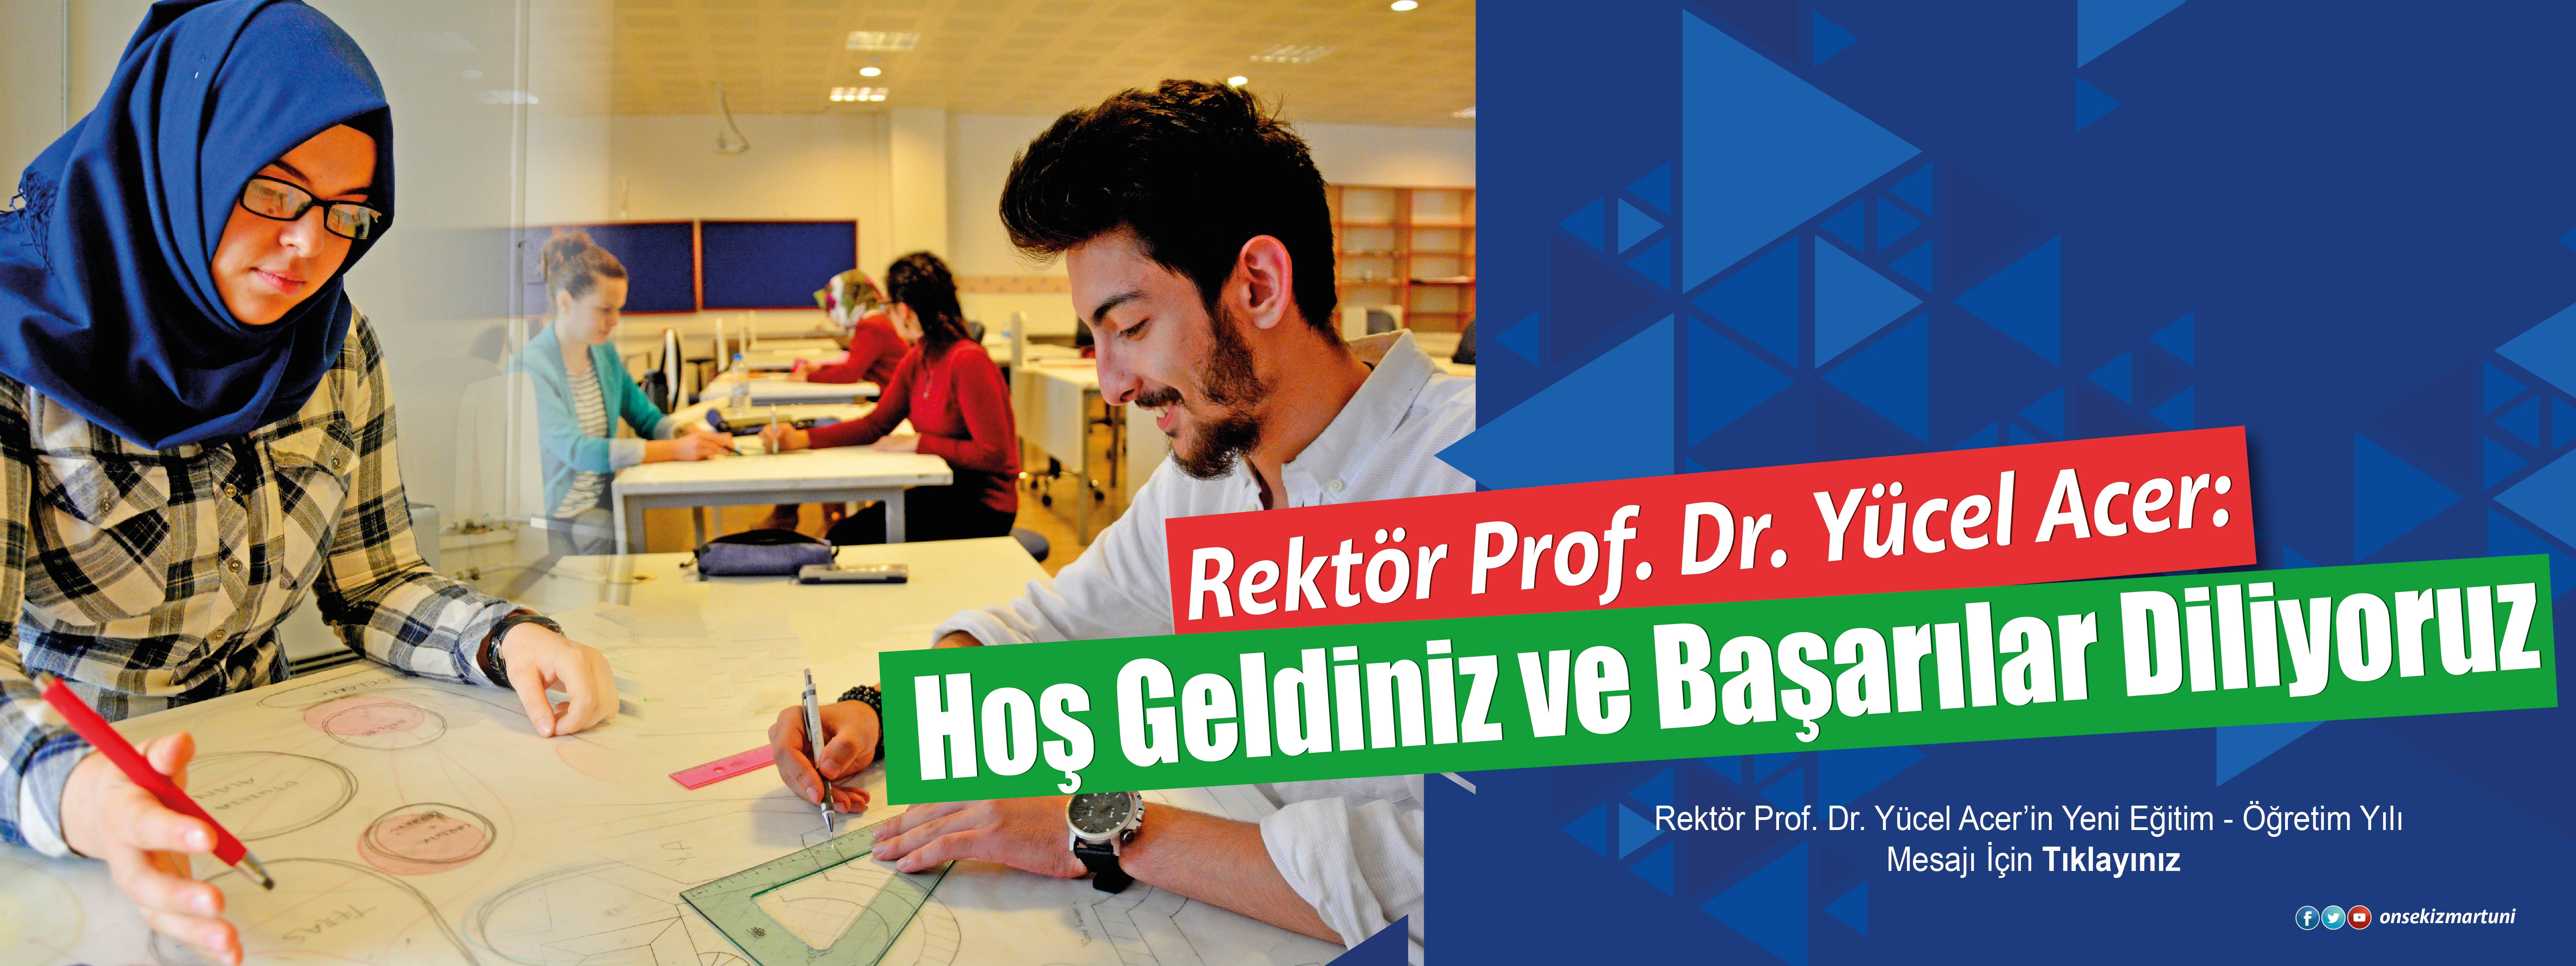 Rektör Prof. Dr. Yücel Acer'in Yeni Eğitim - Öğretim Yılı Mesajı